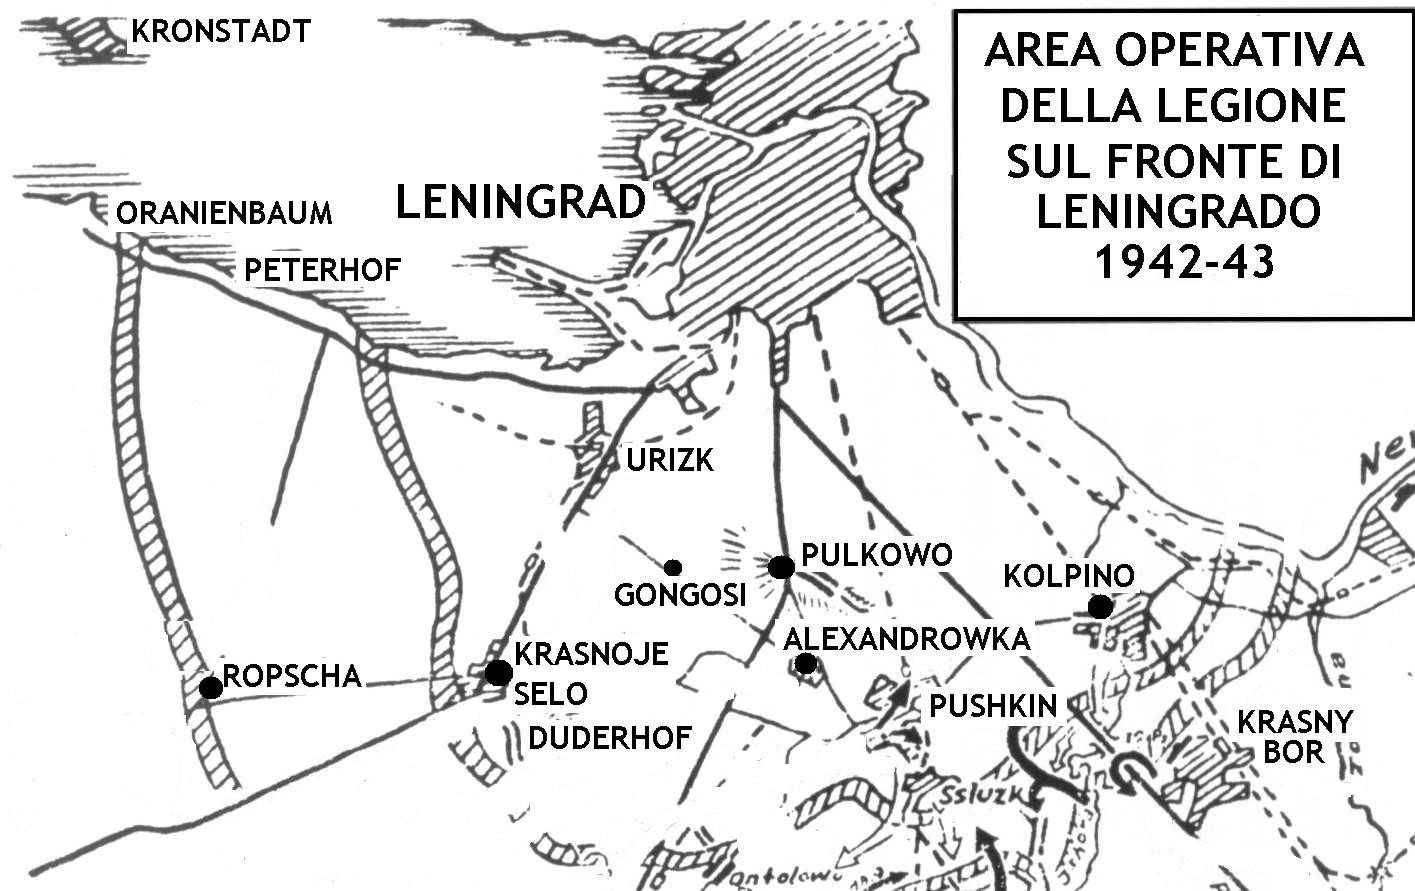 L'area operativa della Legione